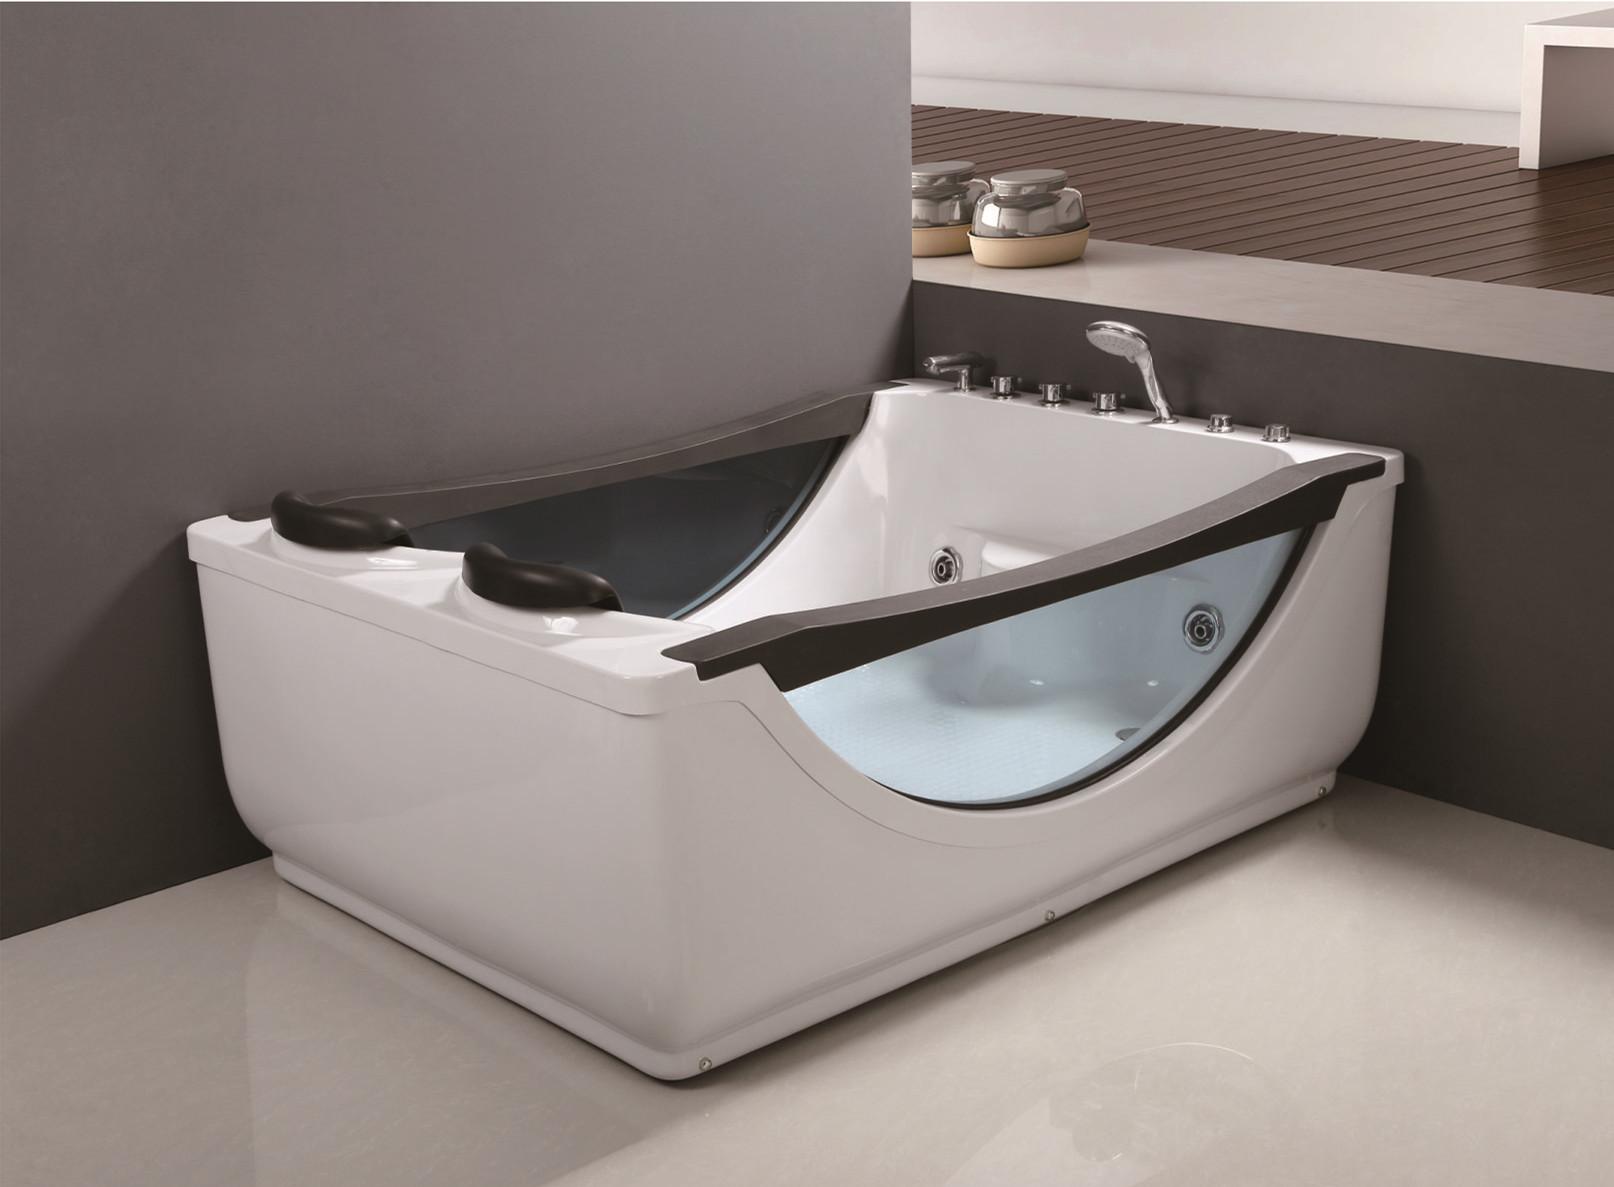 C-040 C-046 Lüks Beyaz Siyah ABS Cam Sıcak Küvet Jakuzi Masajı Jetted Banyo Küvet Fiyatlı Ucuz Sale.jpg